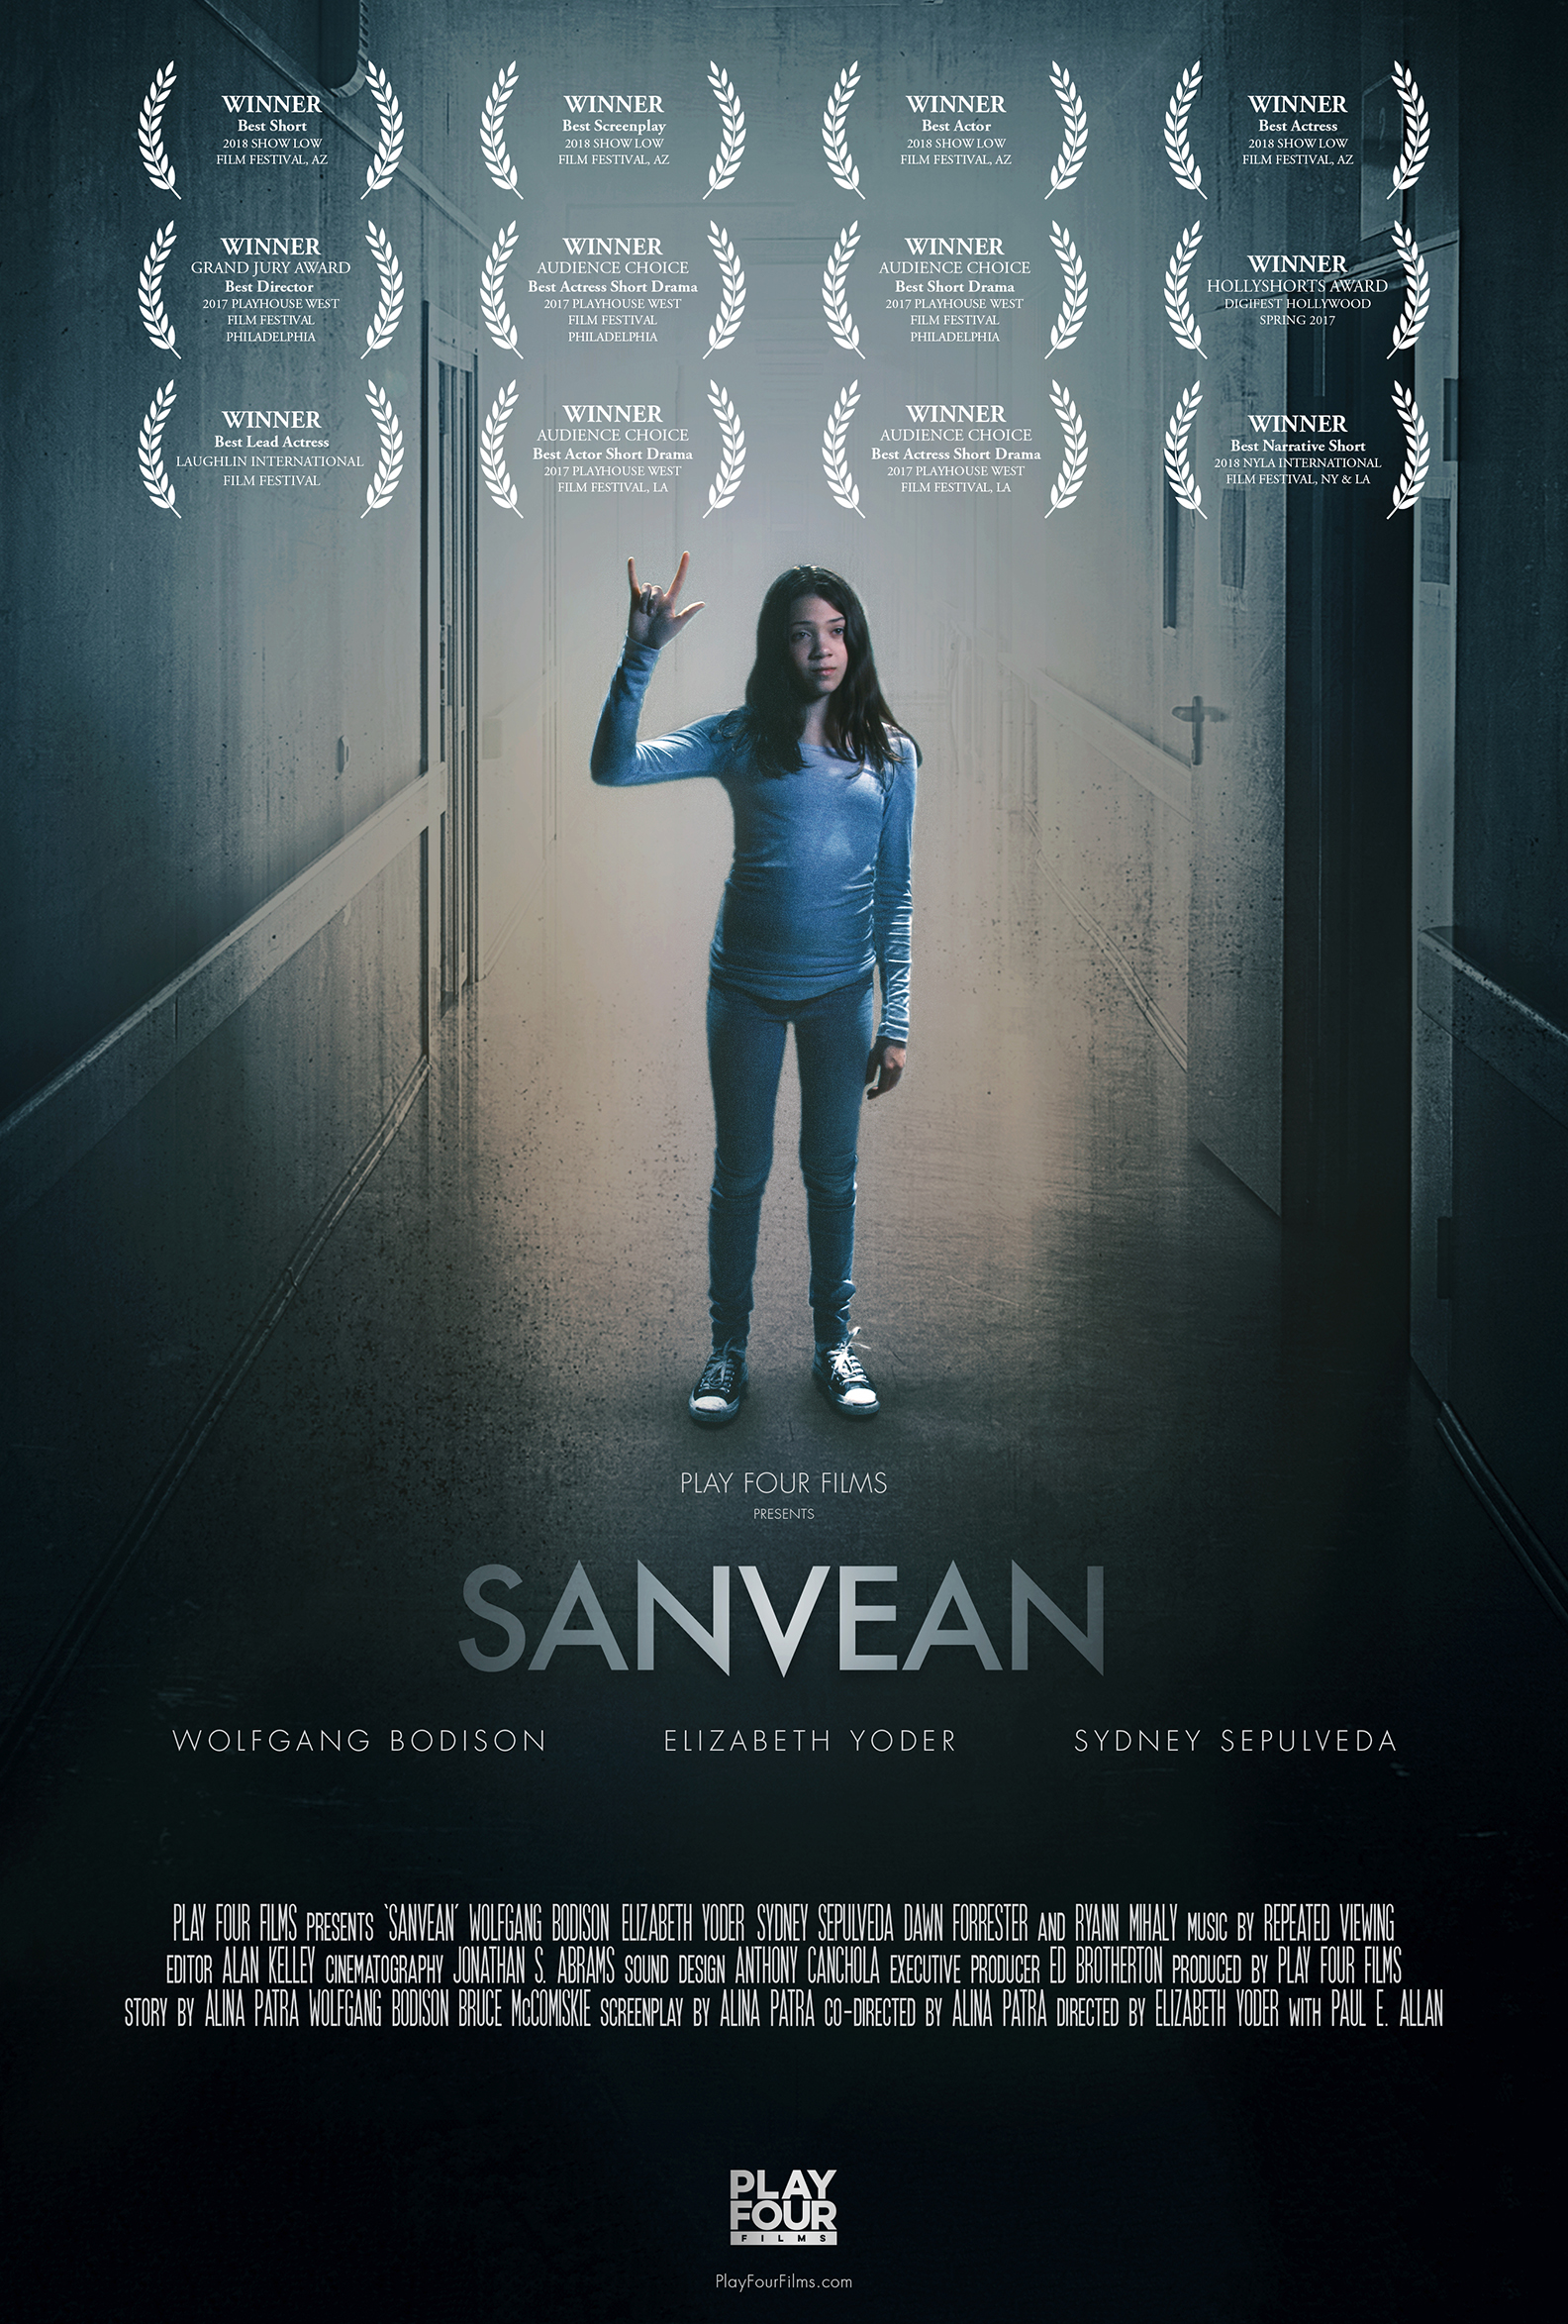 SANVEAN-MOVIE-POSTER-2.jpg